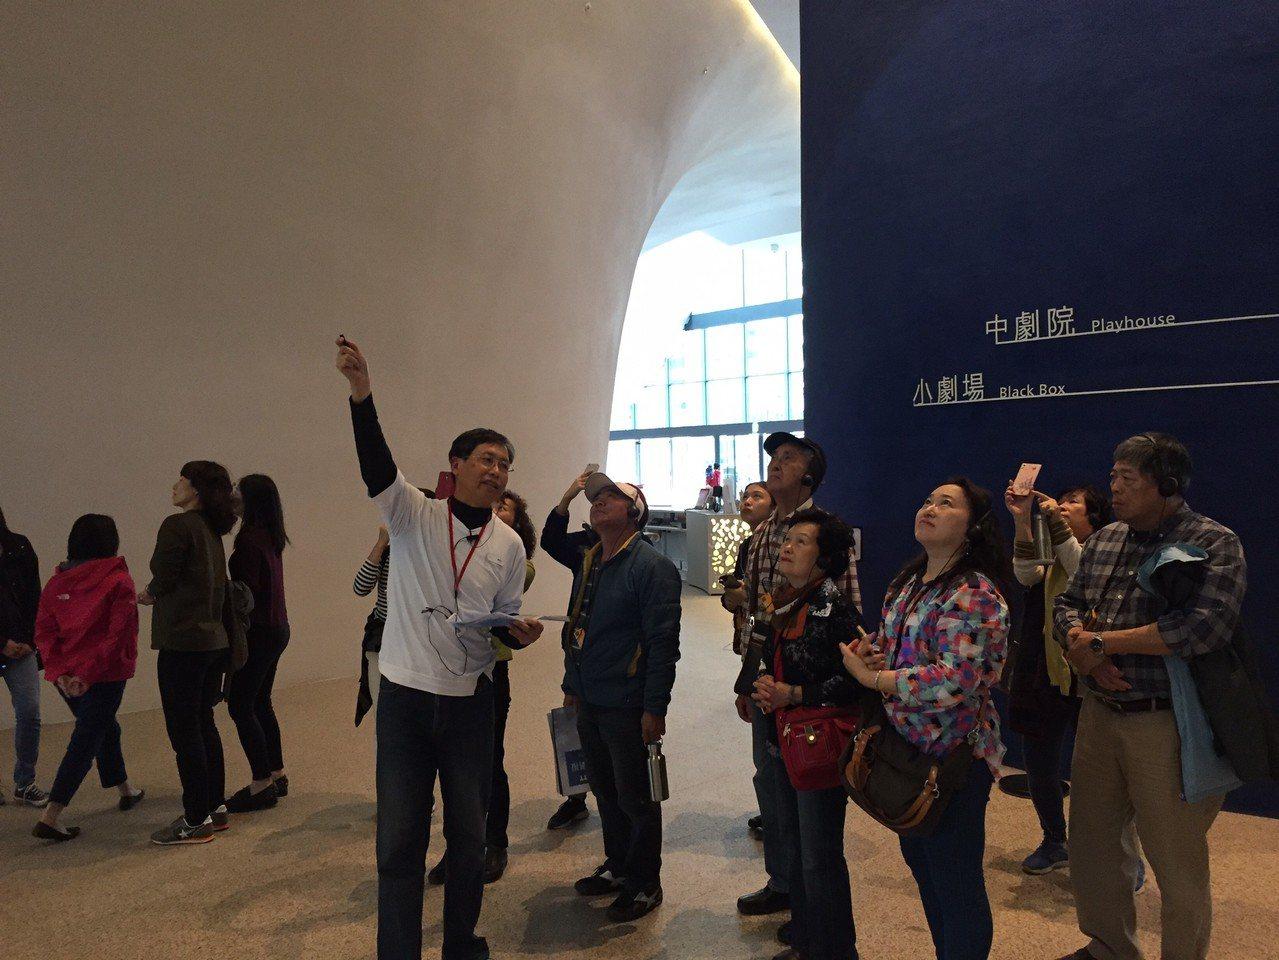 日籍建築師伊東豊雄設計的歌劇院,曲牆獨特造型,許多歐美、日本遊客慕名而來。圖/台...